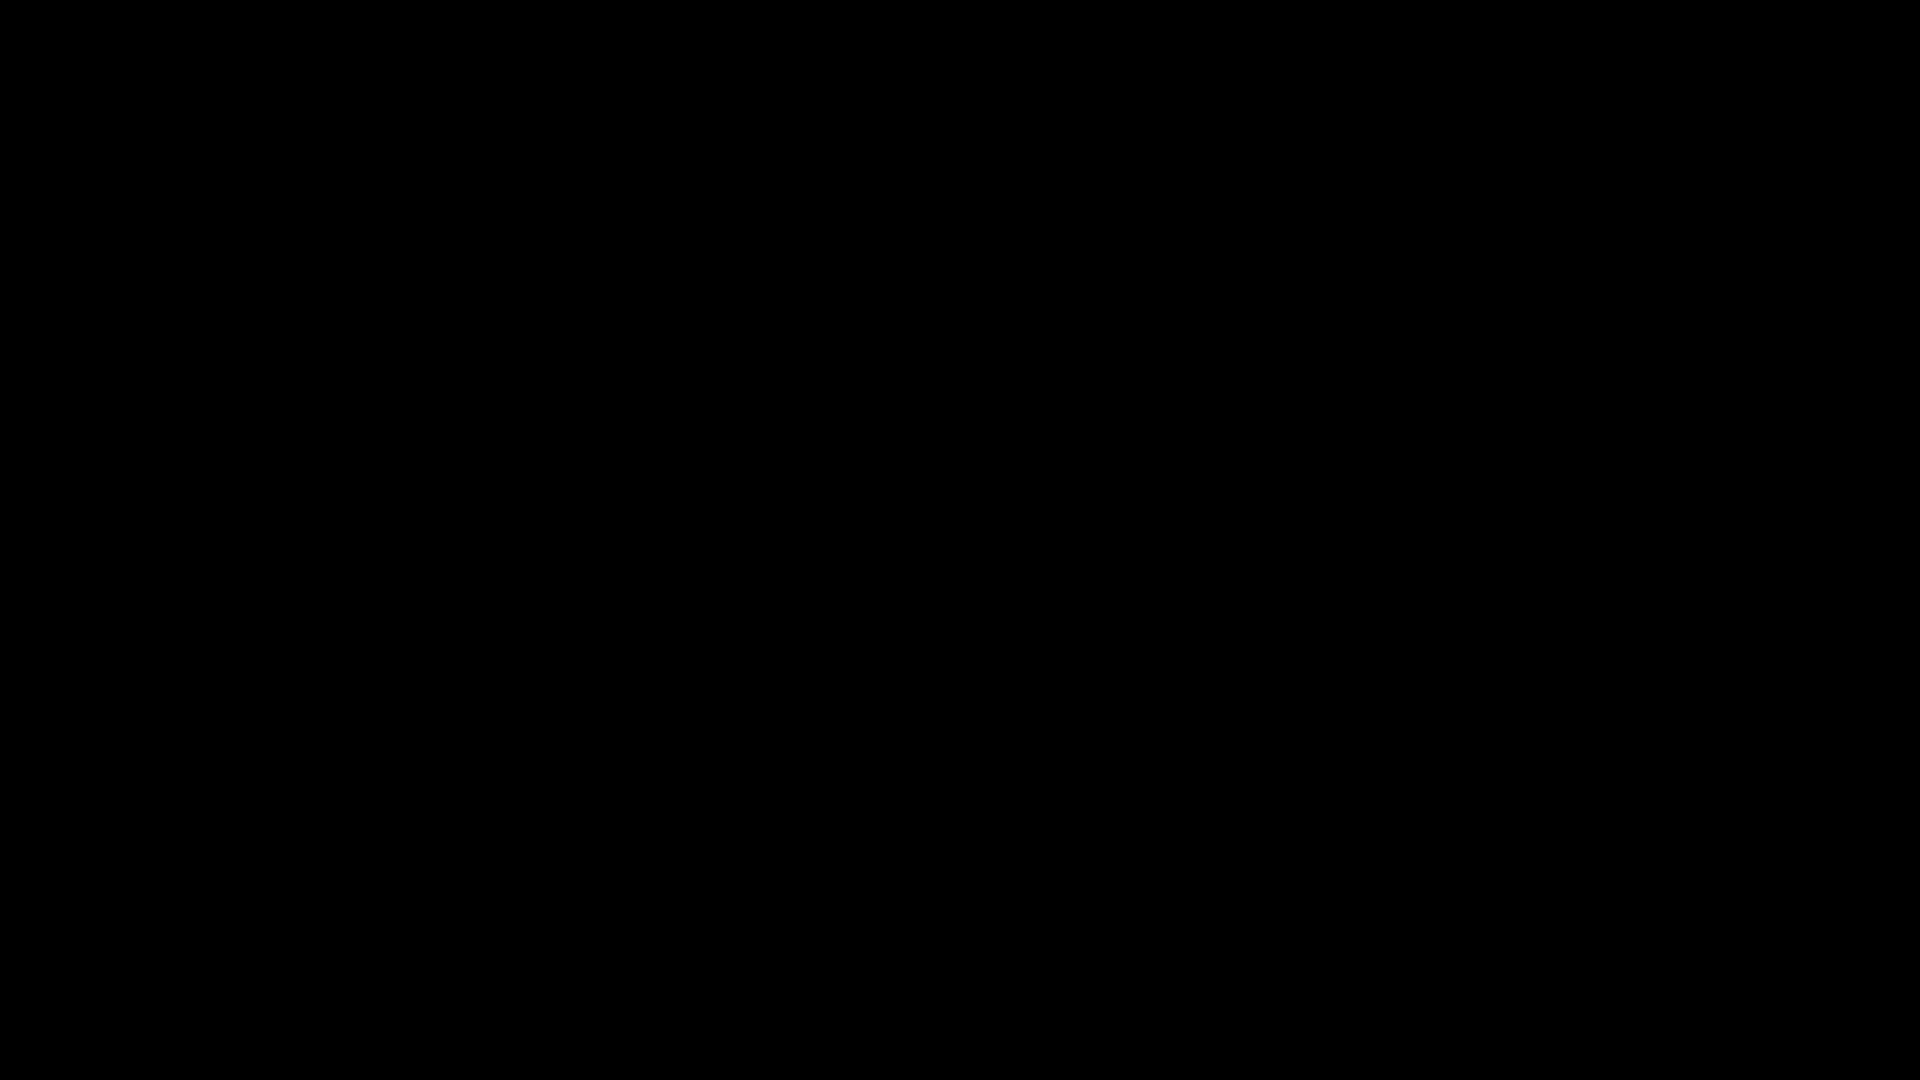 高画質露天女風呂観察 vol.032 入浴 AV無料動画キャプチャ 98枚 18